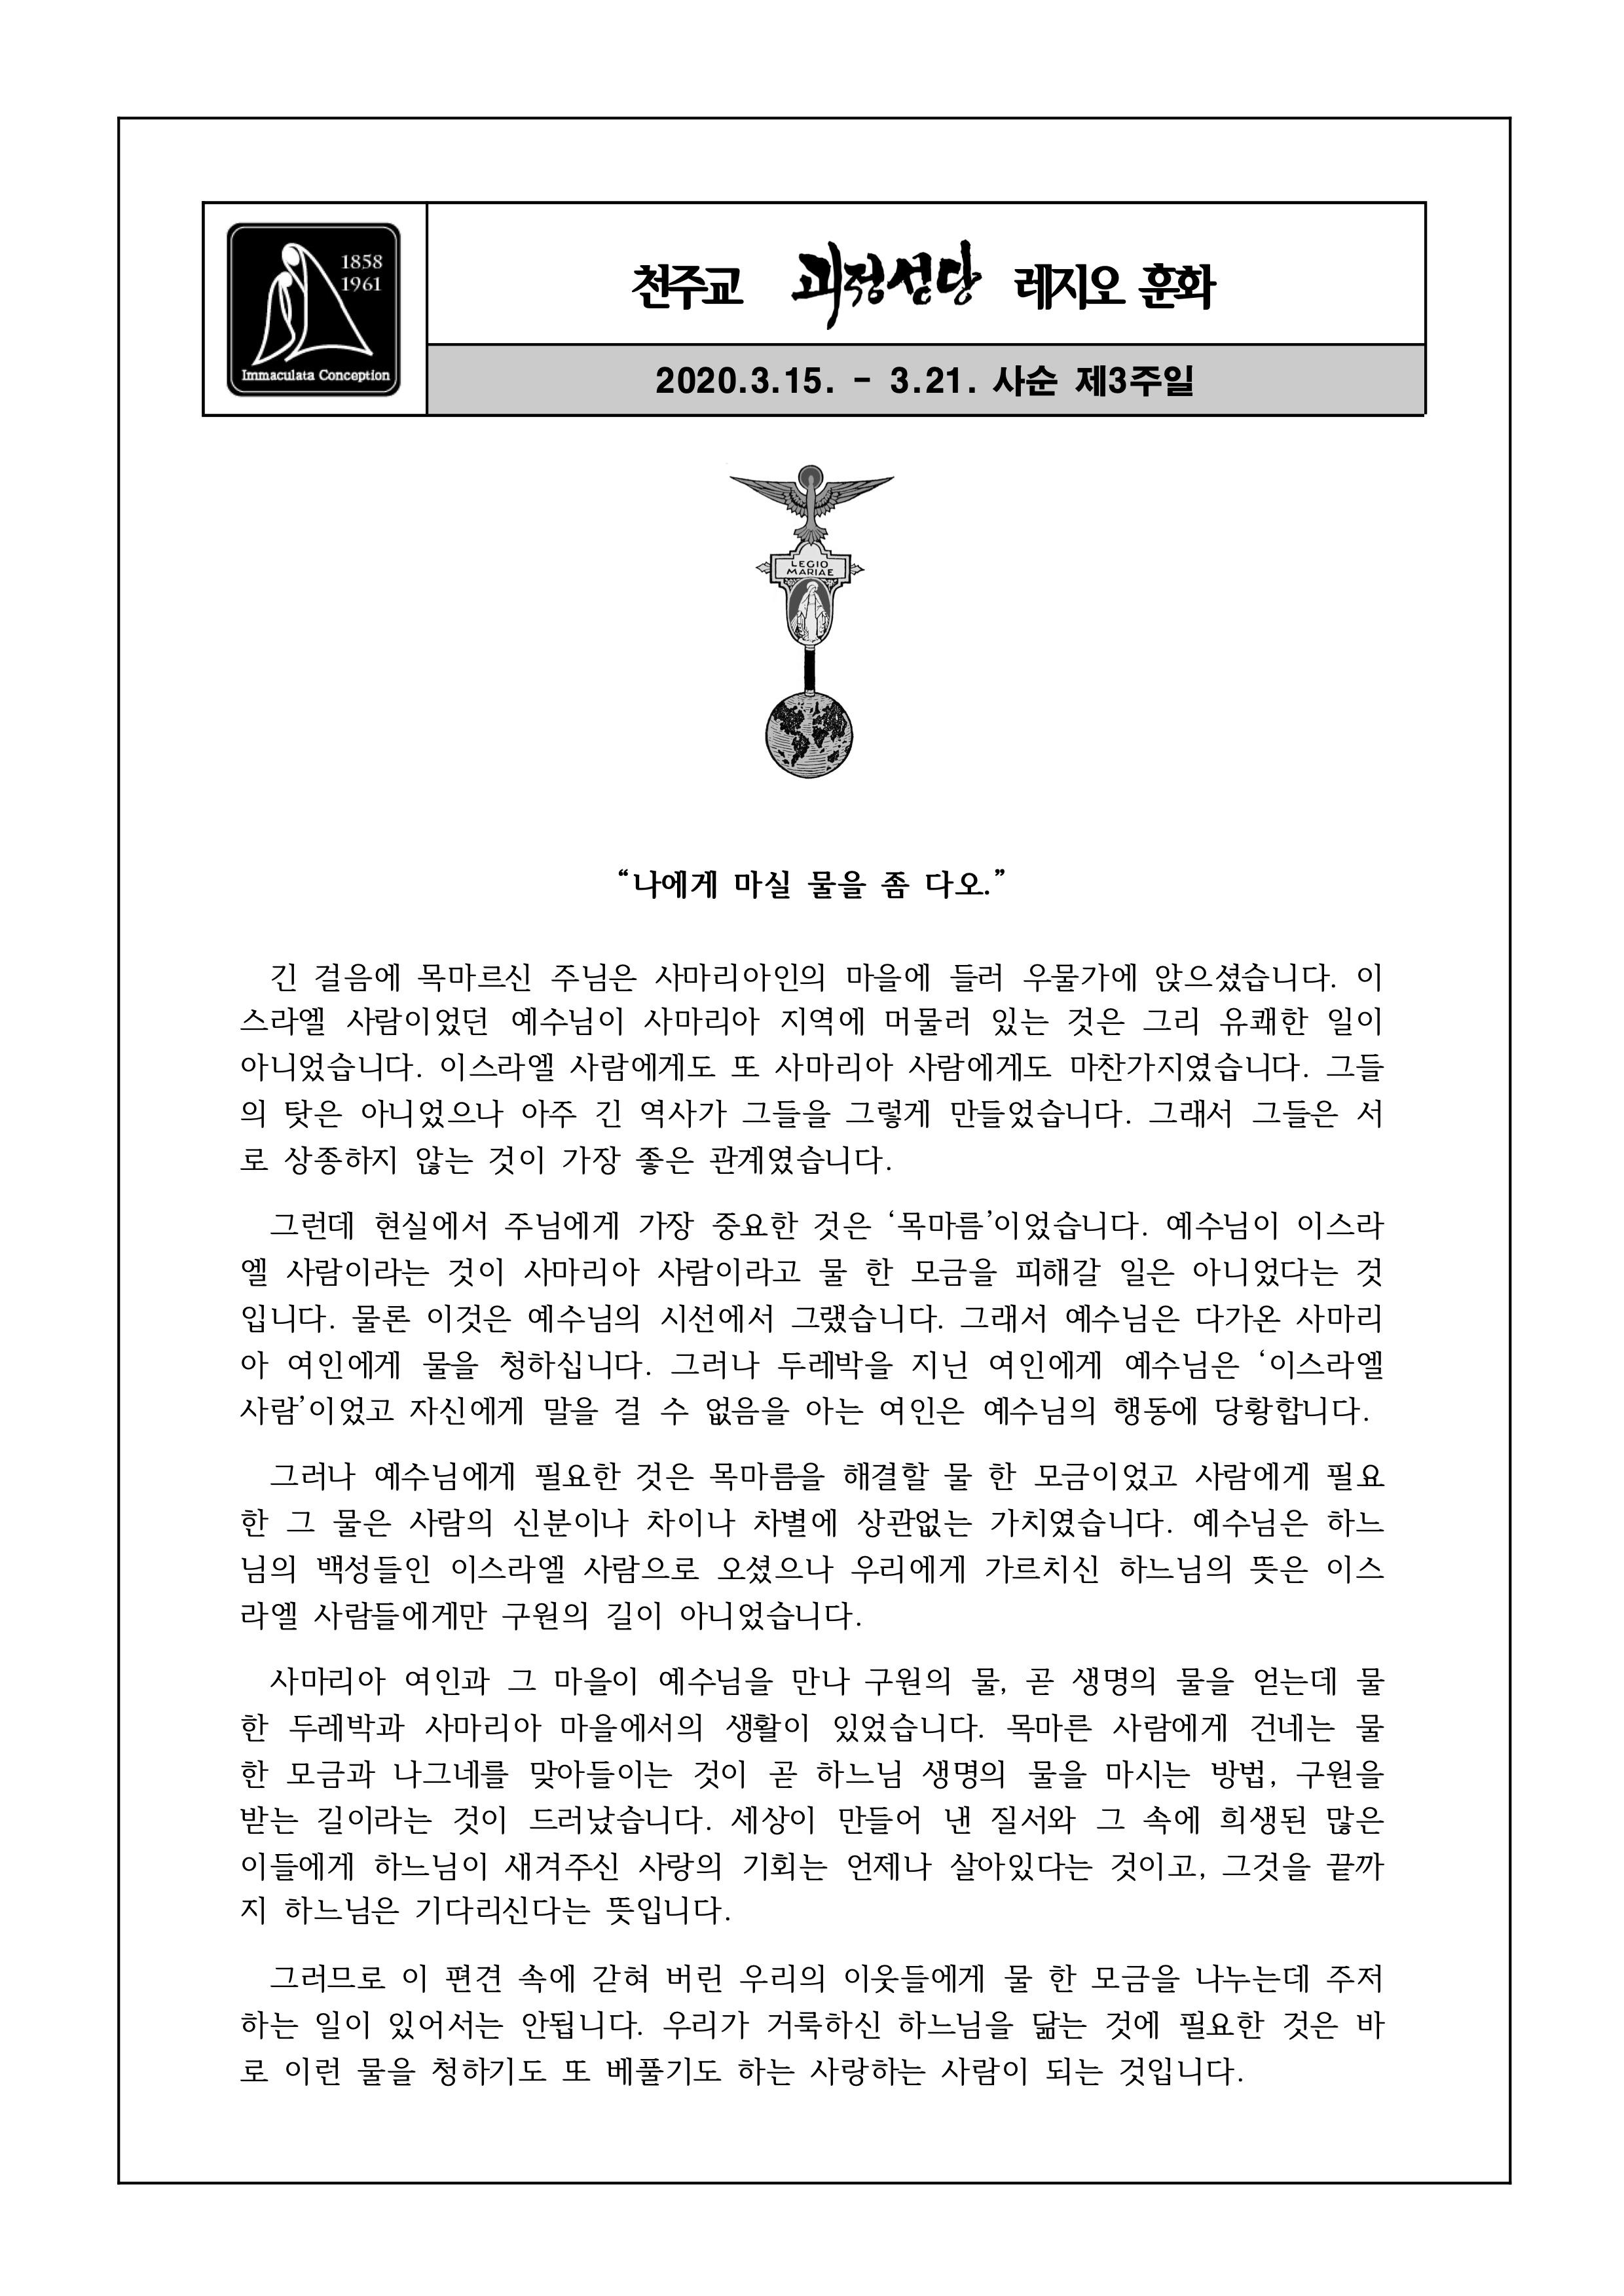 20200315 괴정성당 레지오 훈화.jpg